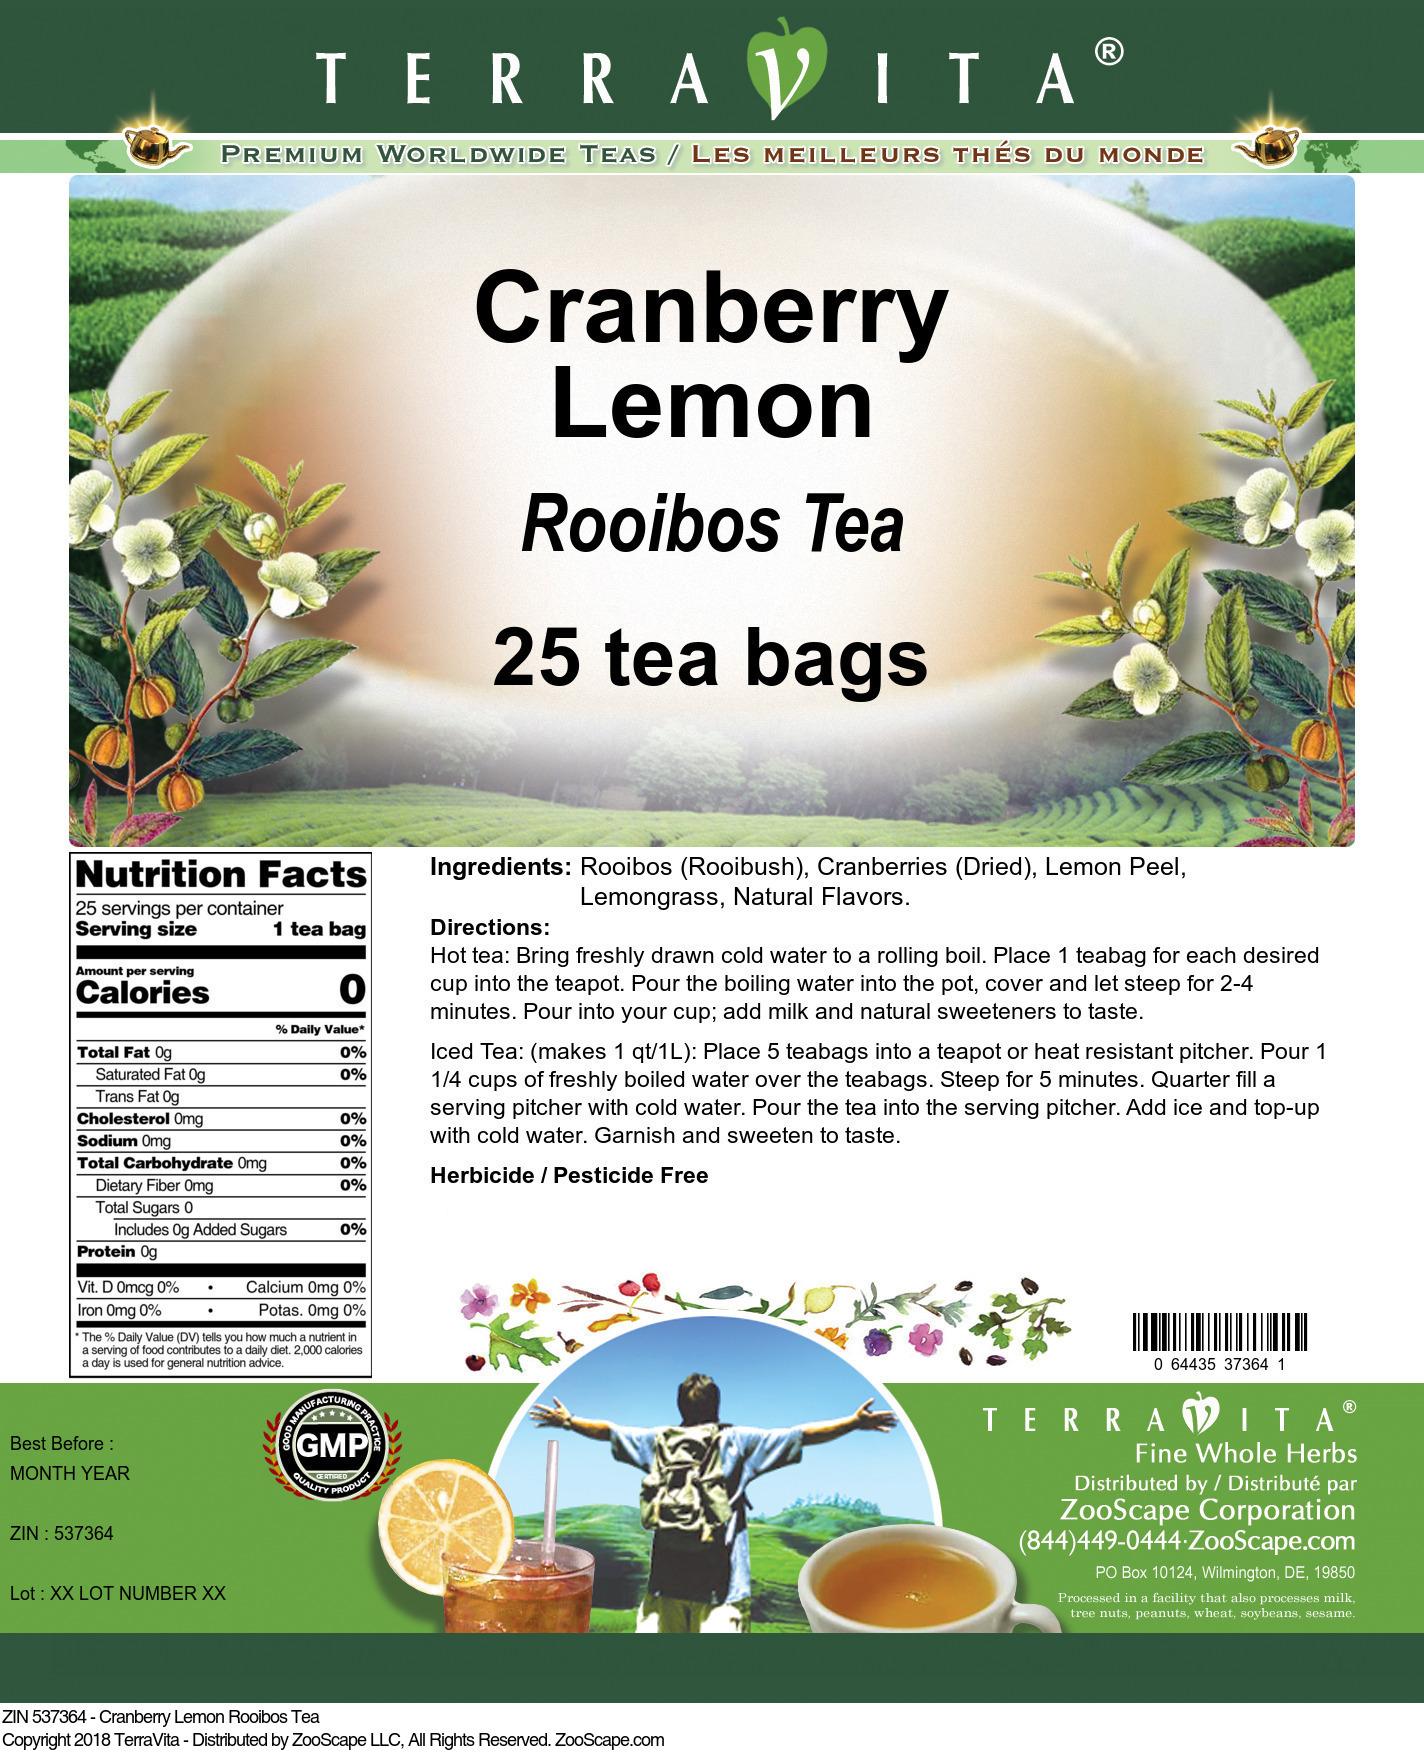 Cranberry Lemon Rooibos Tea